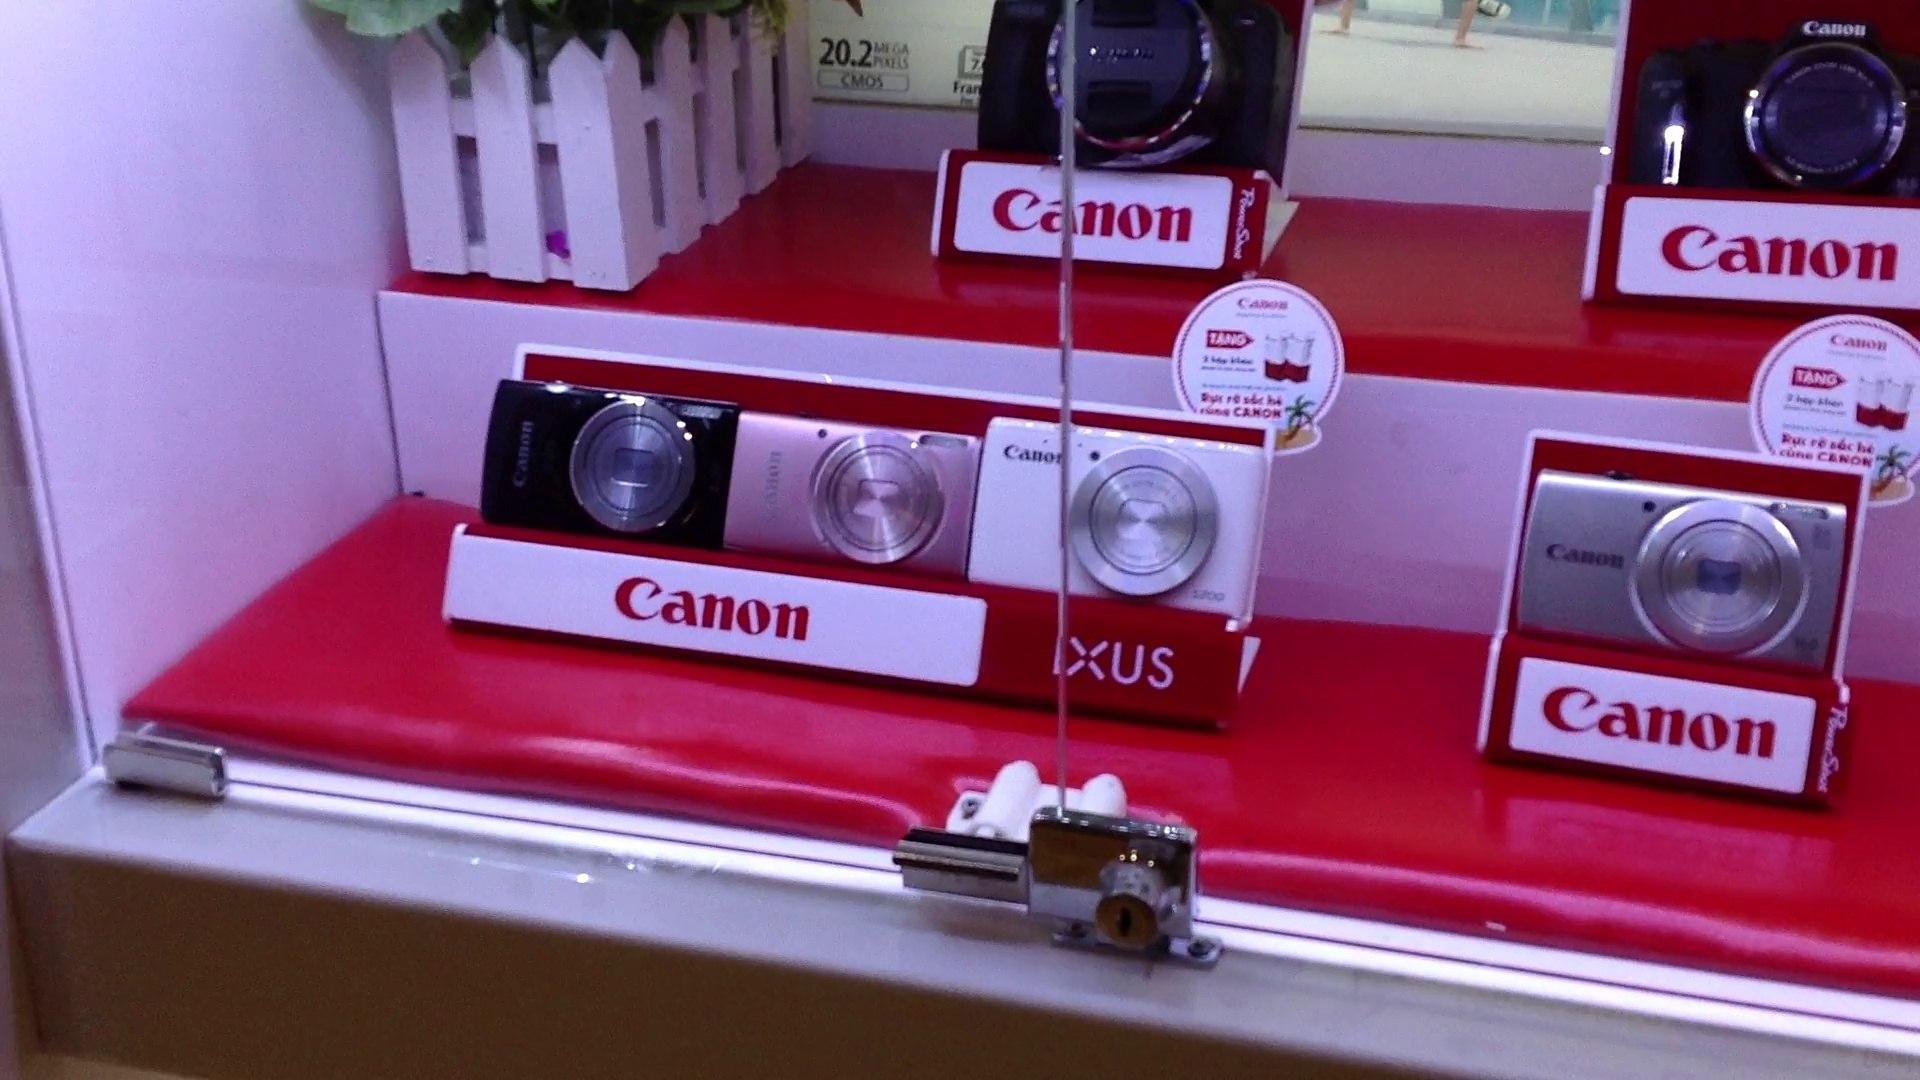 Đại lý bán buôn máy ảnh du lịch Canon chính hãng ở Hà Nội, tổng đại lý phân phối máy